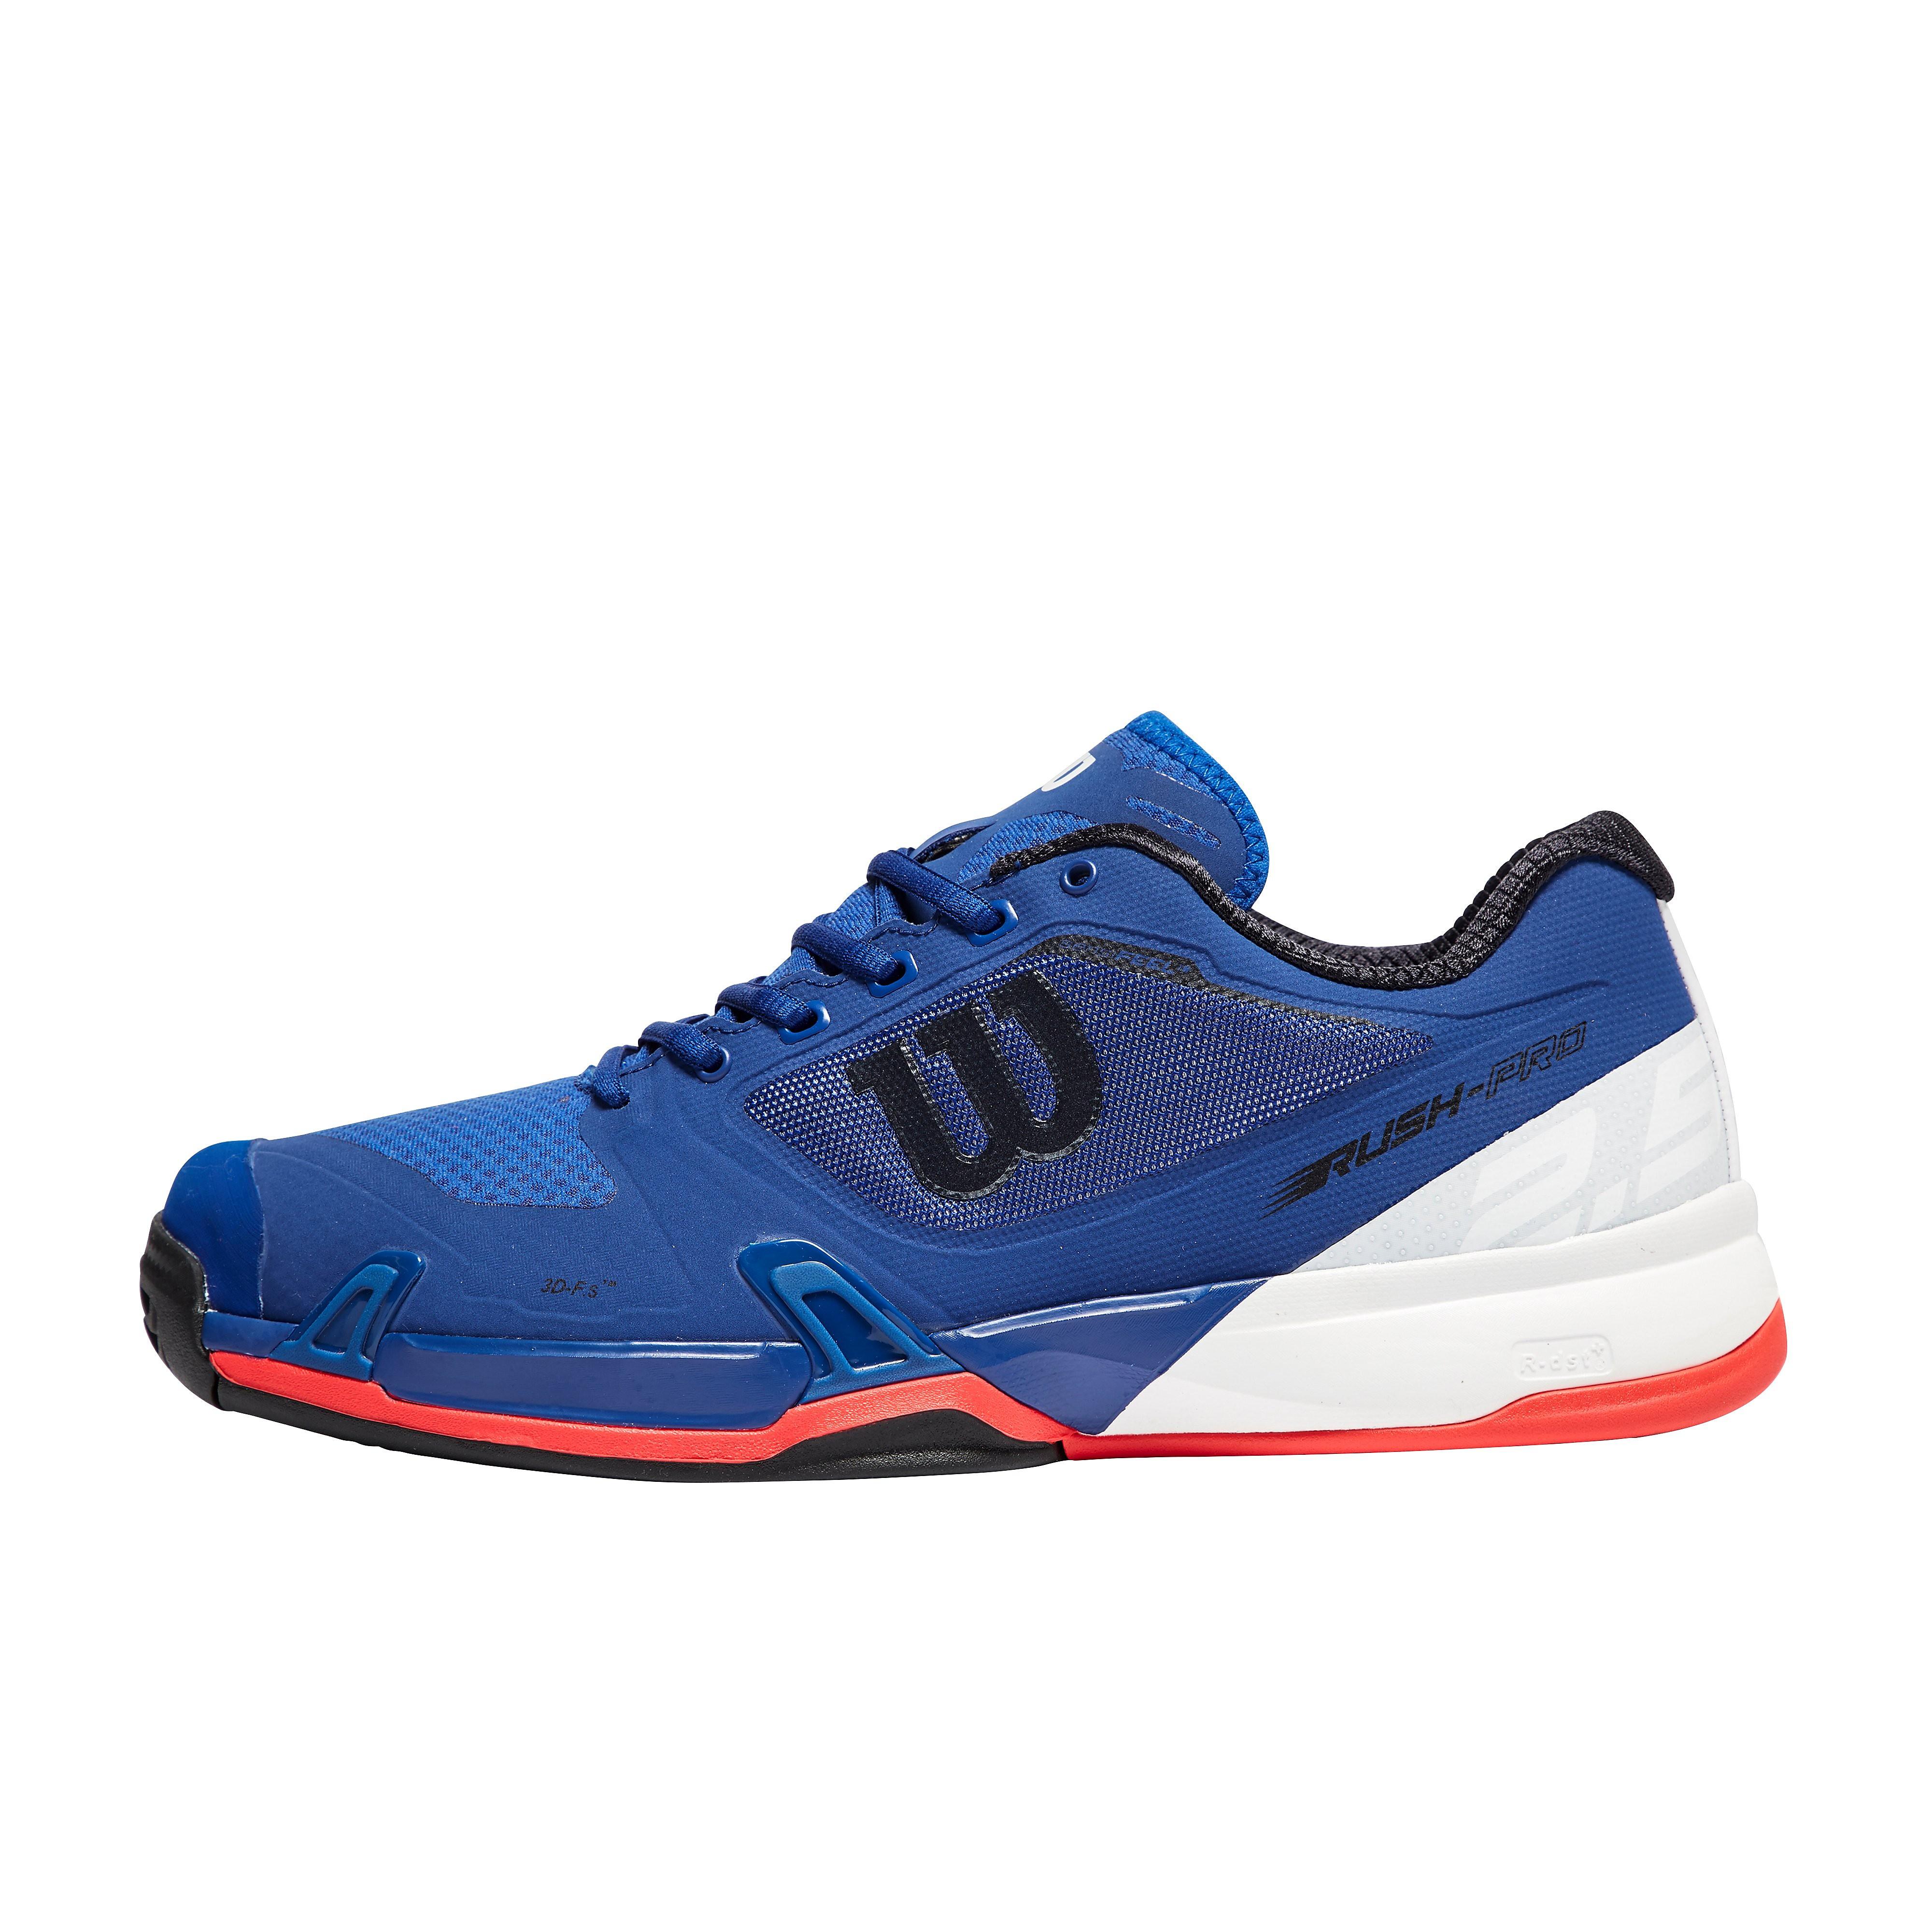 Men's Wilson Rush Pro 2.5 All Court Tennis Shoes - BLK/BLK, BLK/BLK